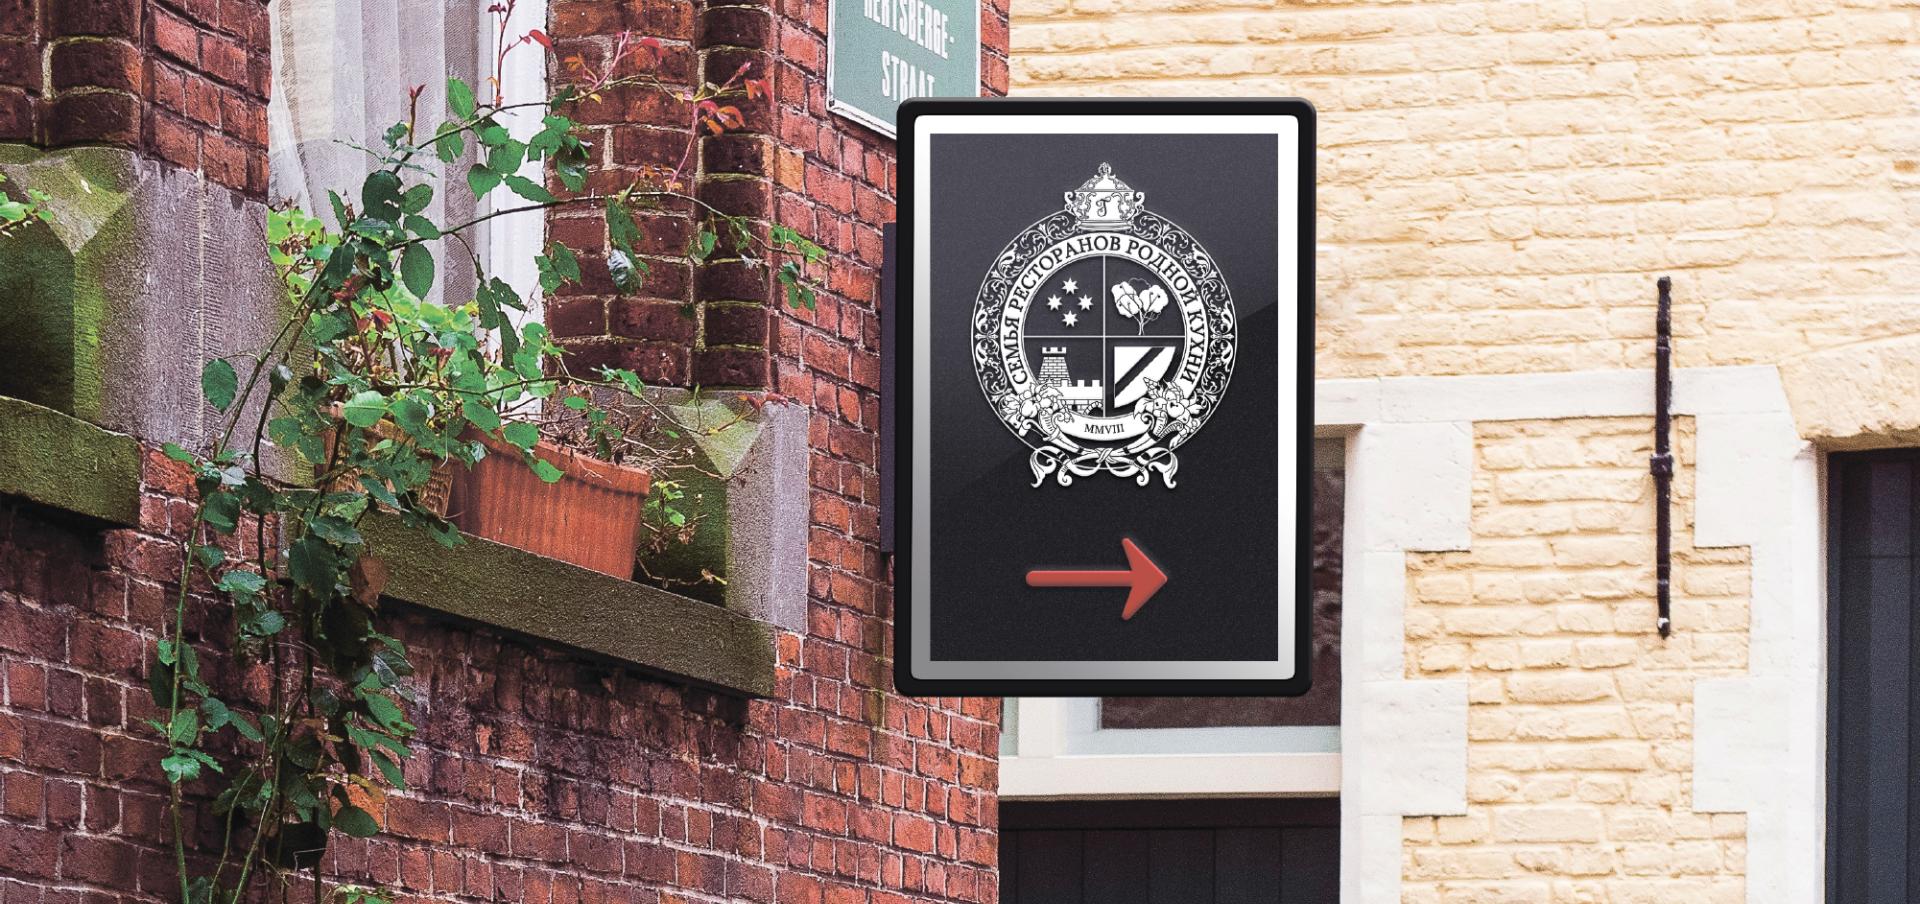 Семья ресторанов Родной кухни - HMS Brands - кейсы, брендинг - консольная вывеска